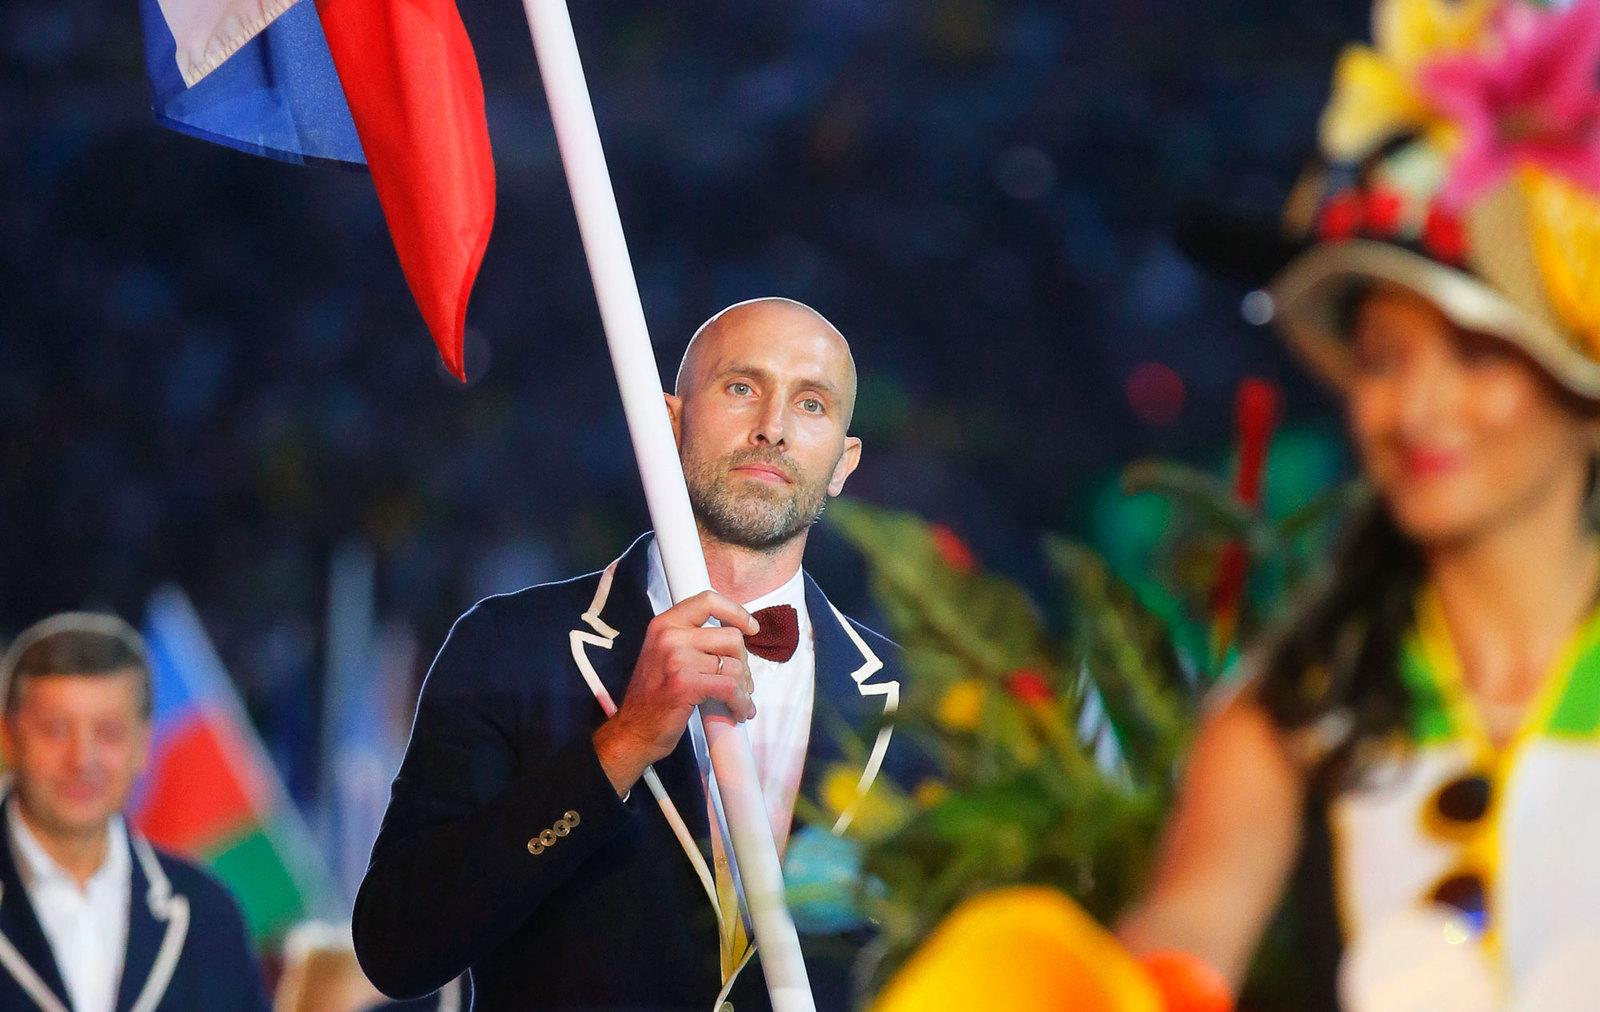 Знаменосец российской сборной - олимпийский чемпион по волейболу Сергей Тетюхин